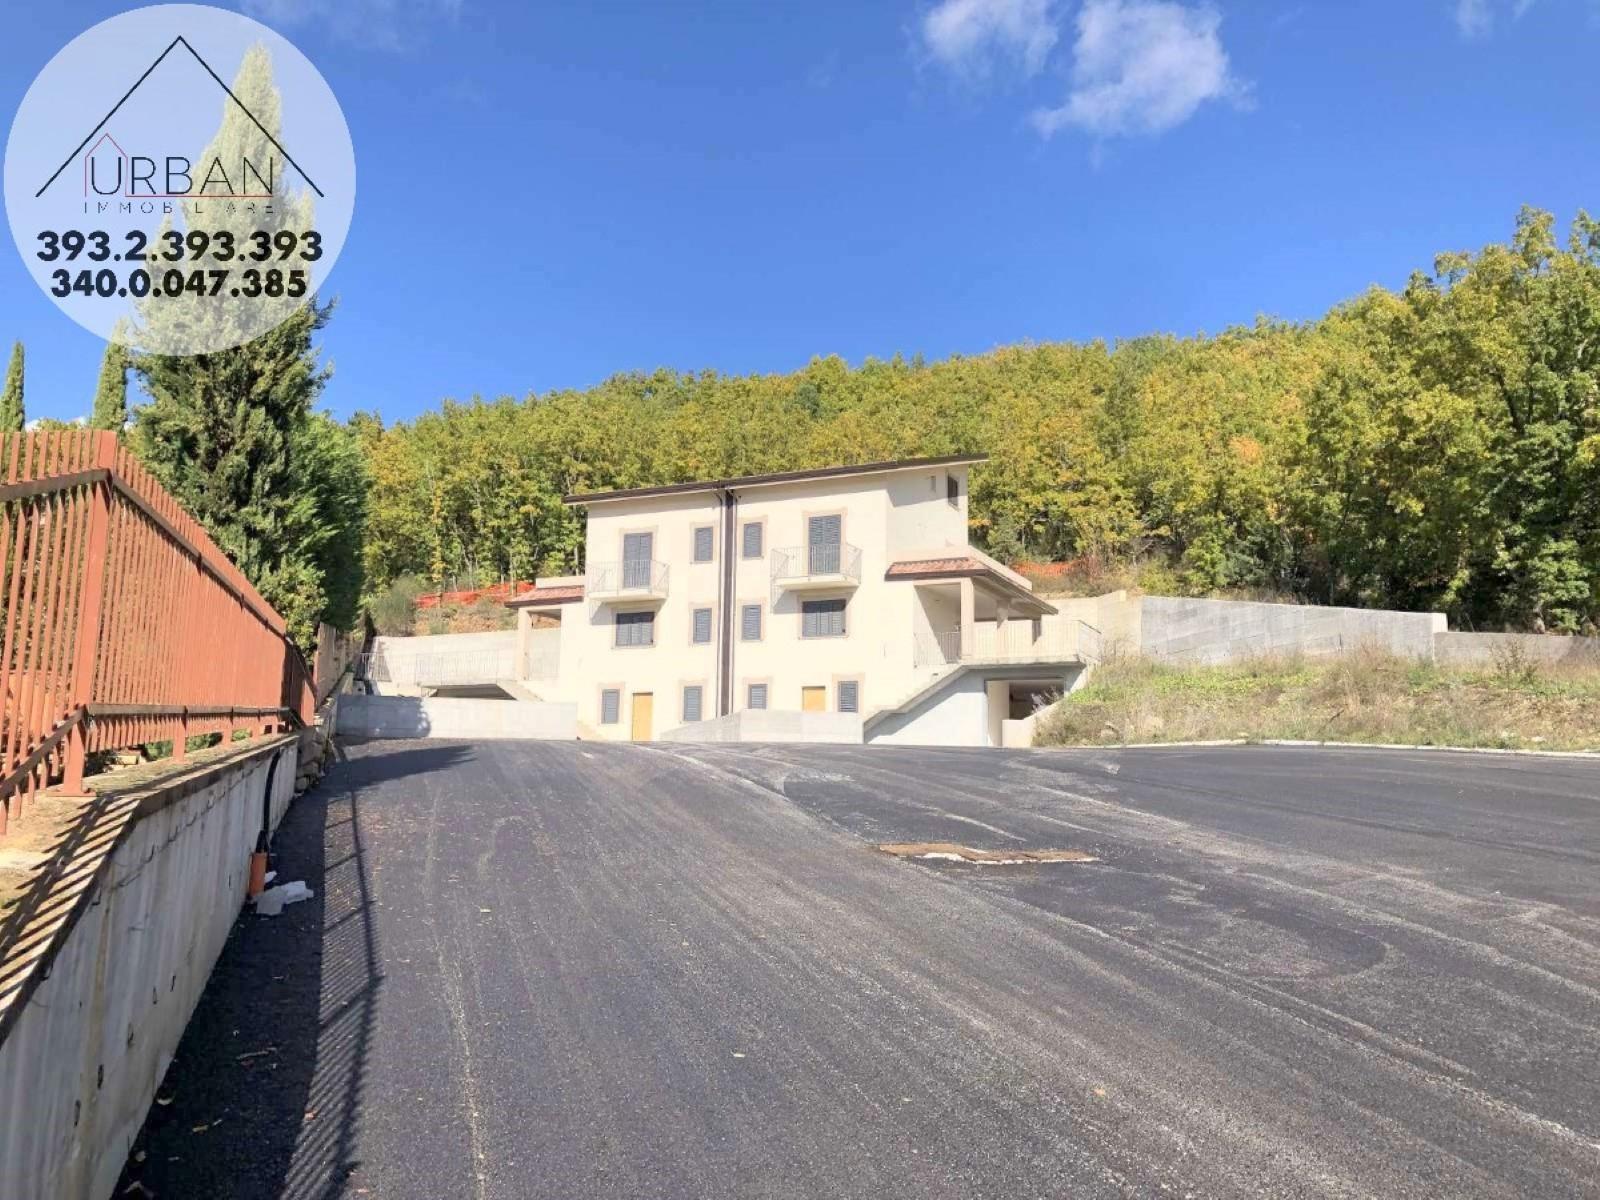 SCOPPITO (AQ) - Via Santa Dorotea